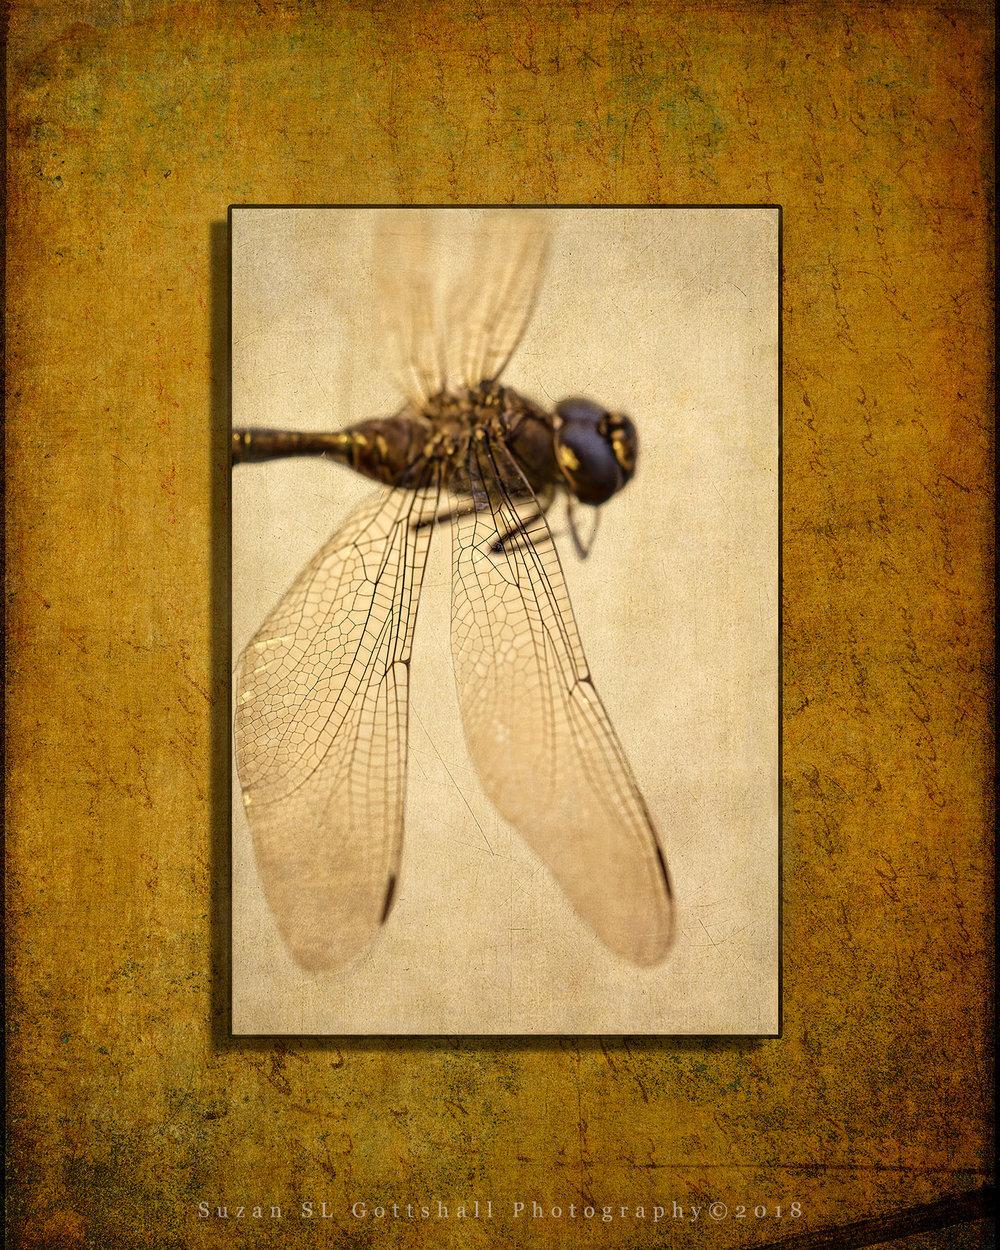 ws_dragonfly4_suzanslgottshall.jpg